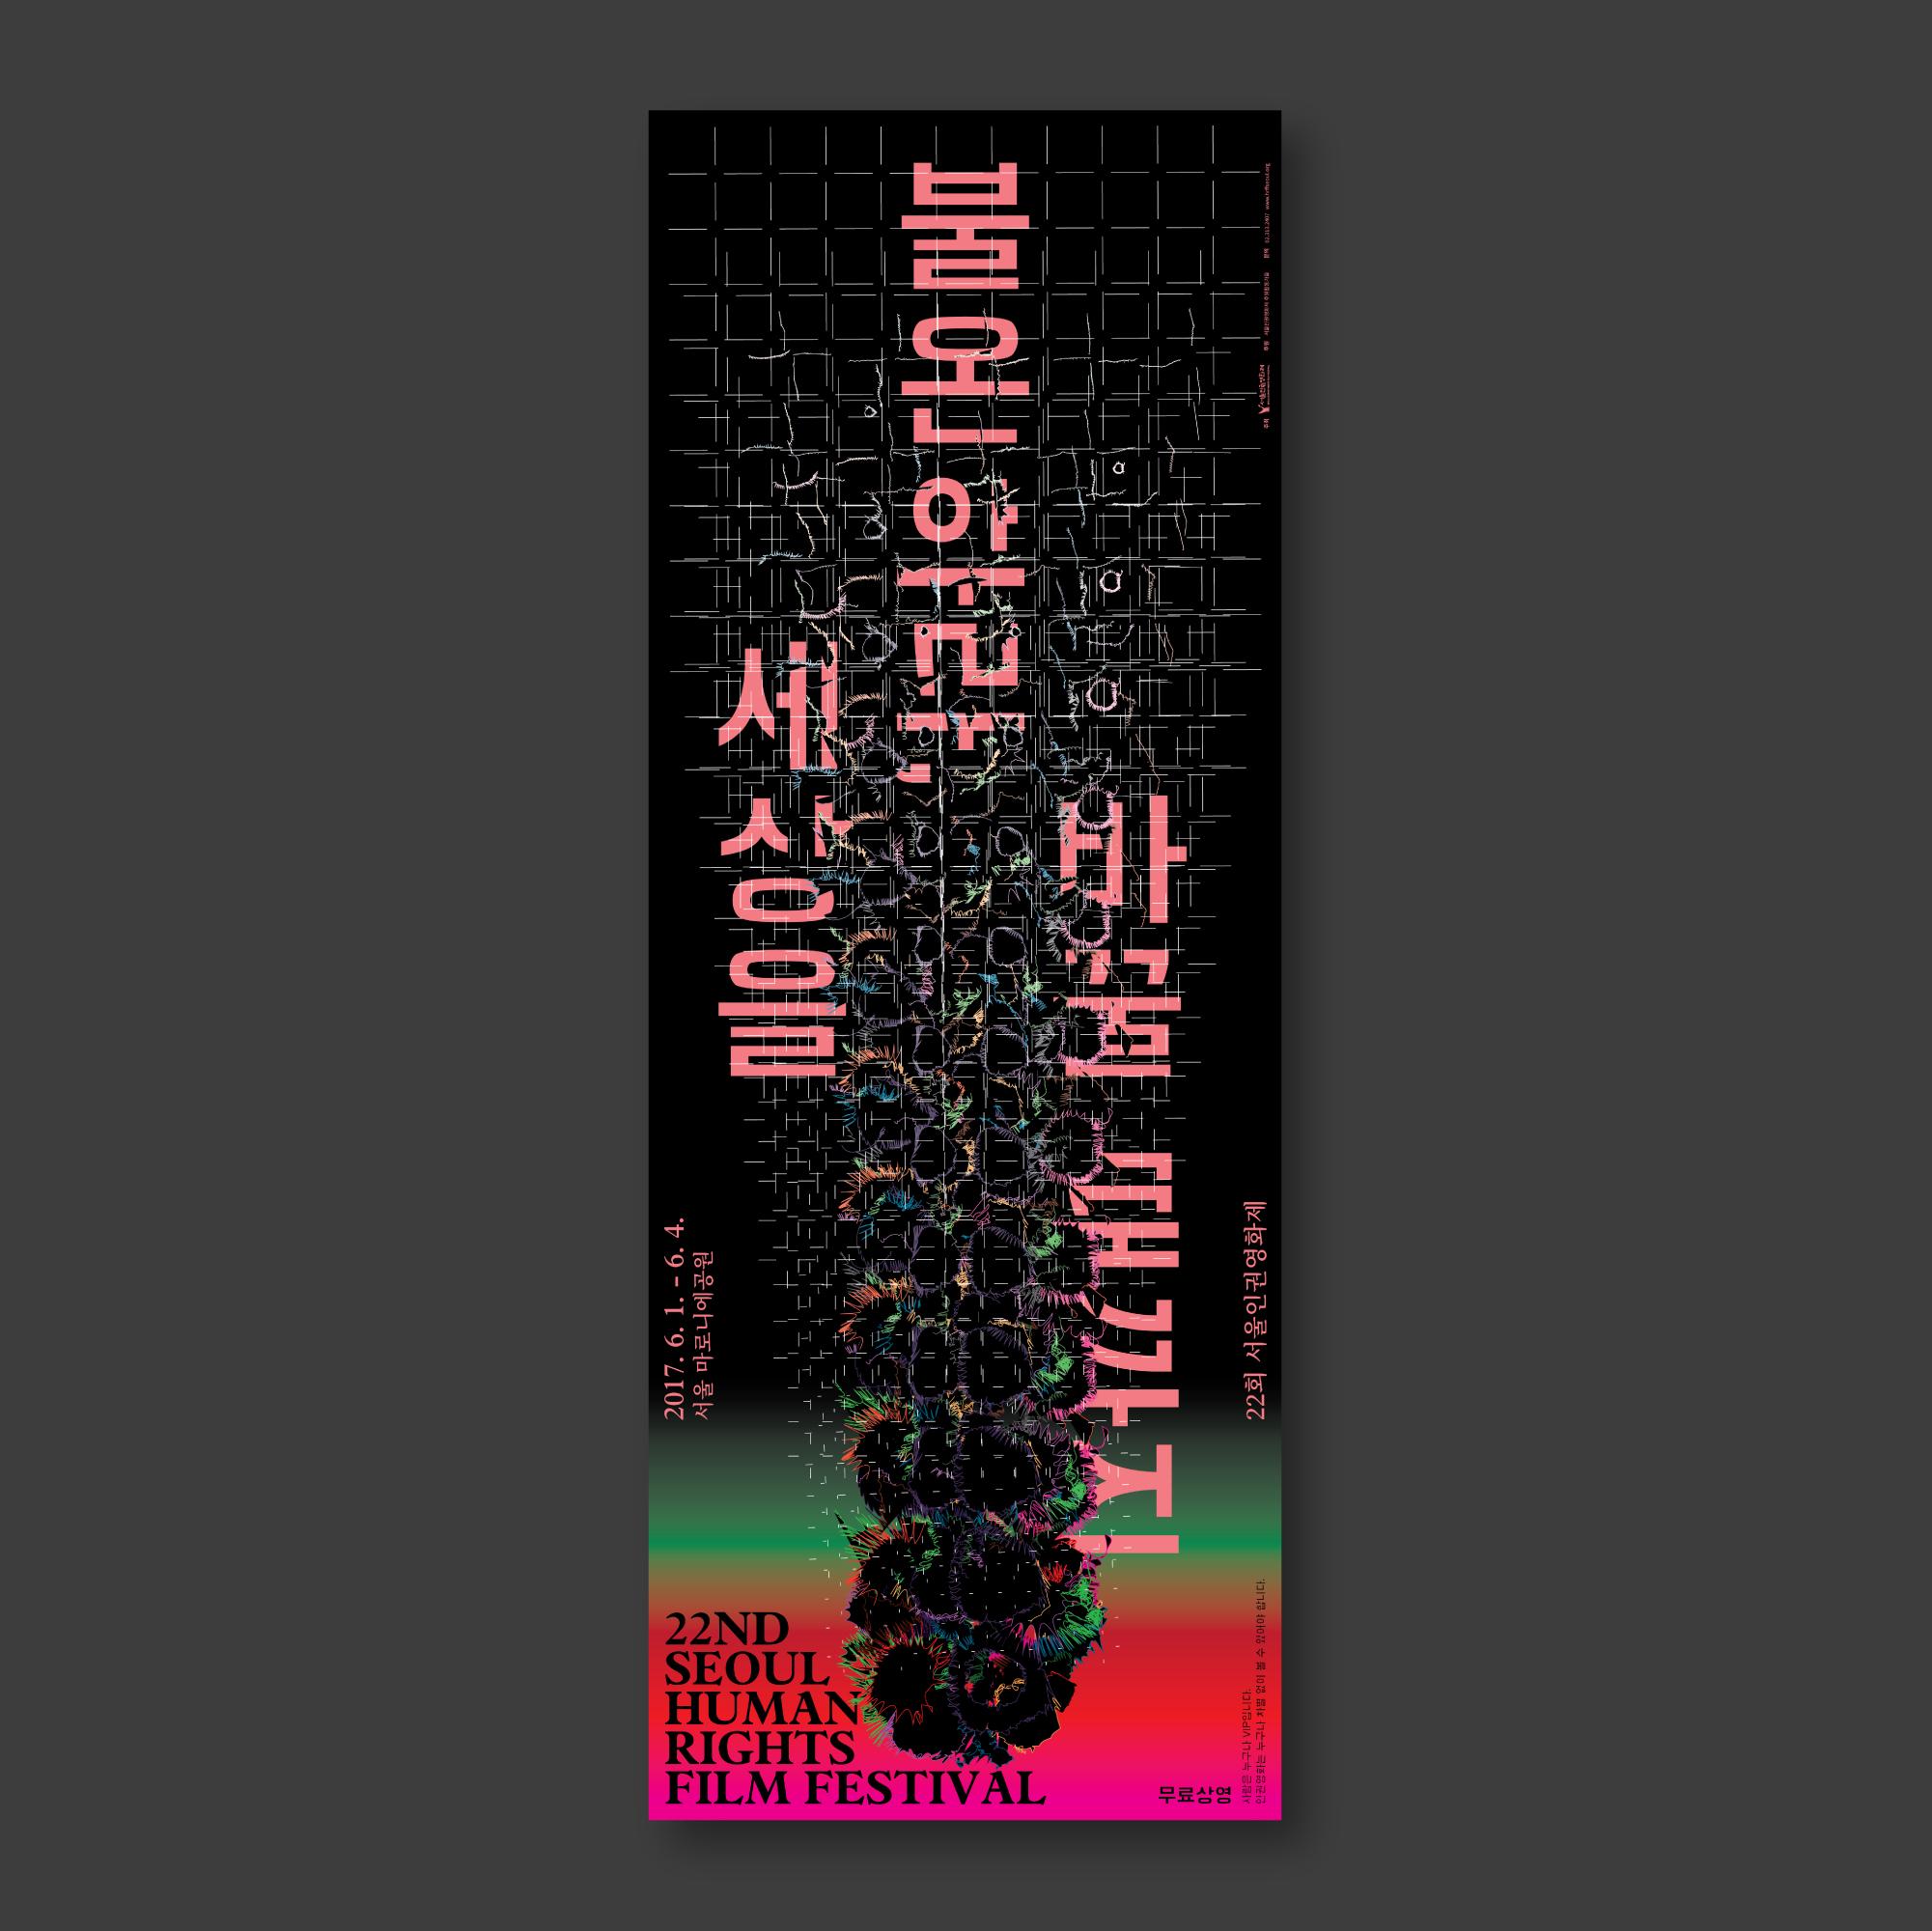 '(소식) 22회 서울인권영화제